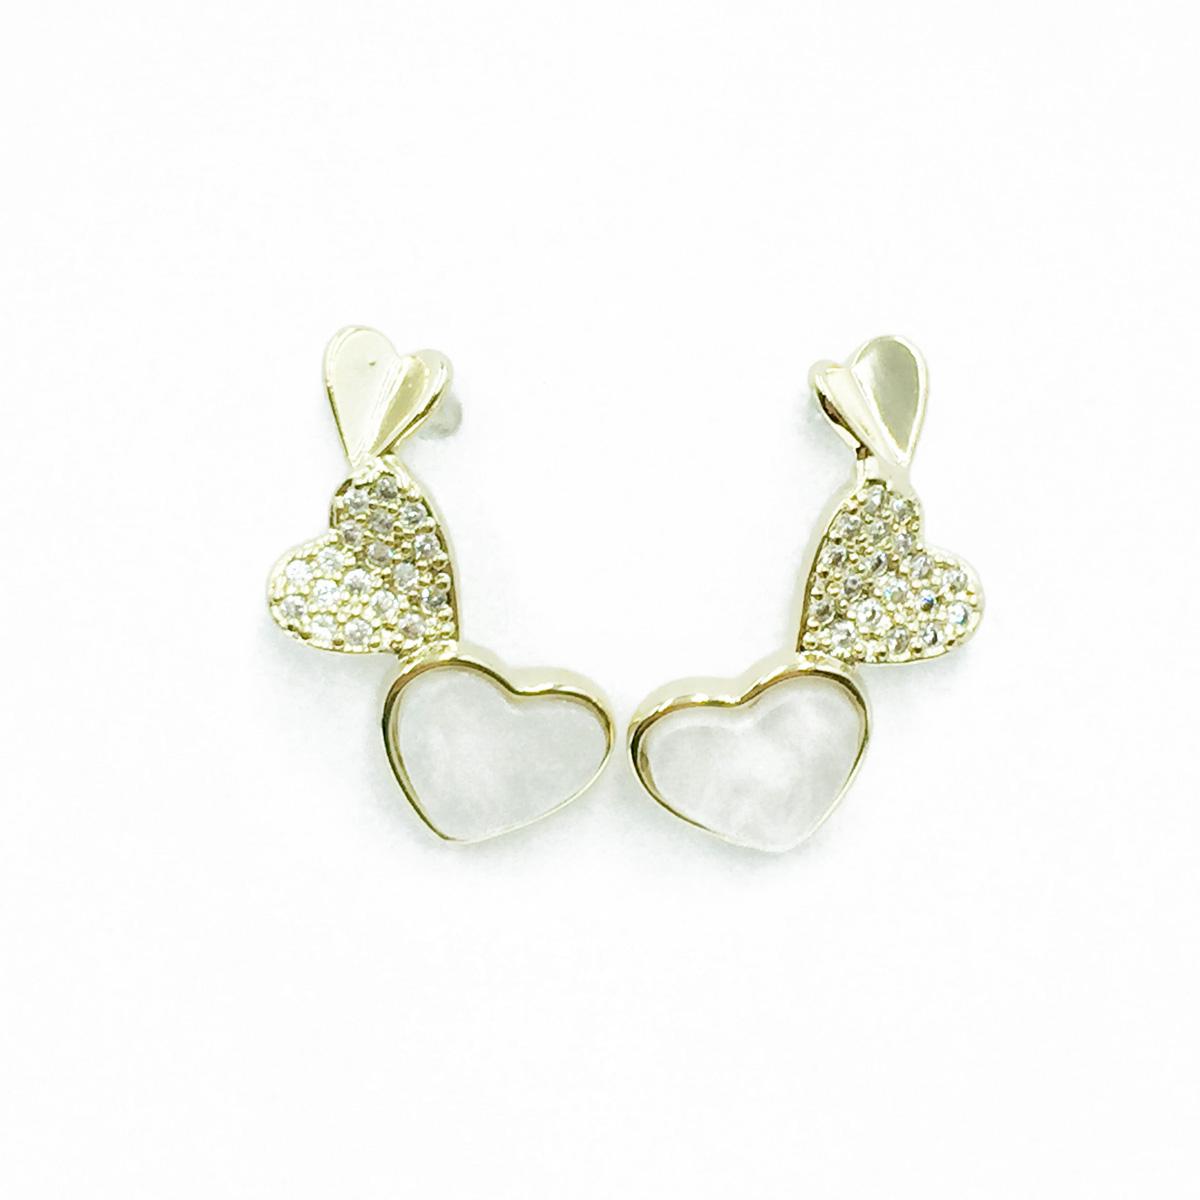 韓國 925純銀 愛心 水鑽 甜美 耳針式耳環